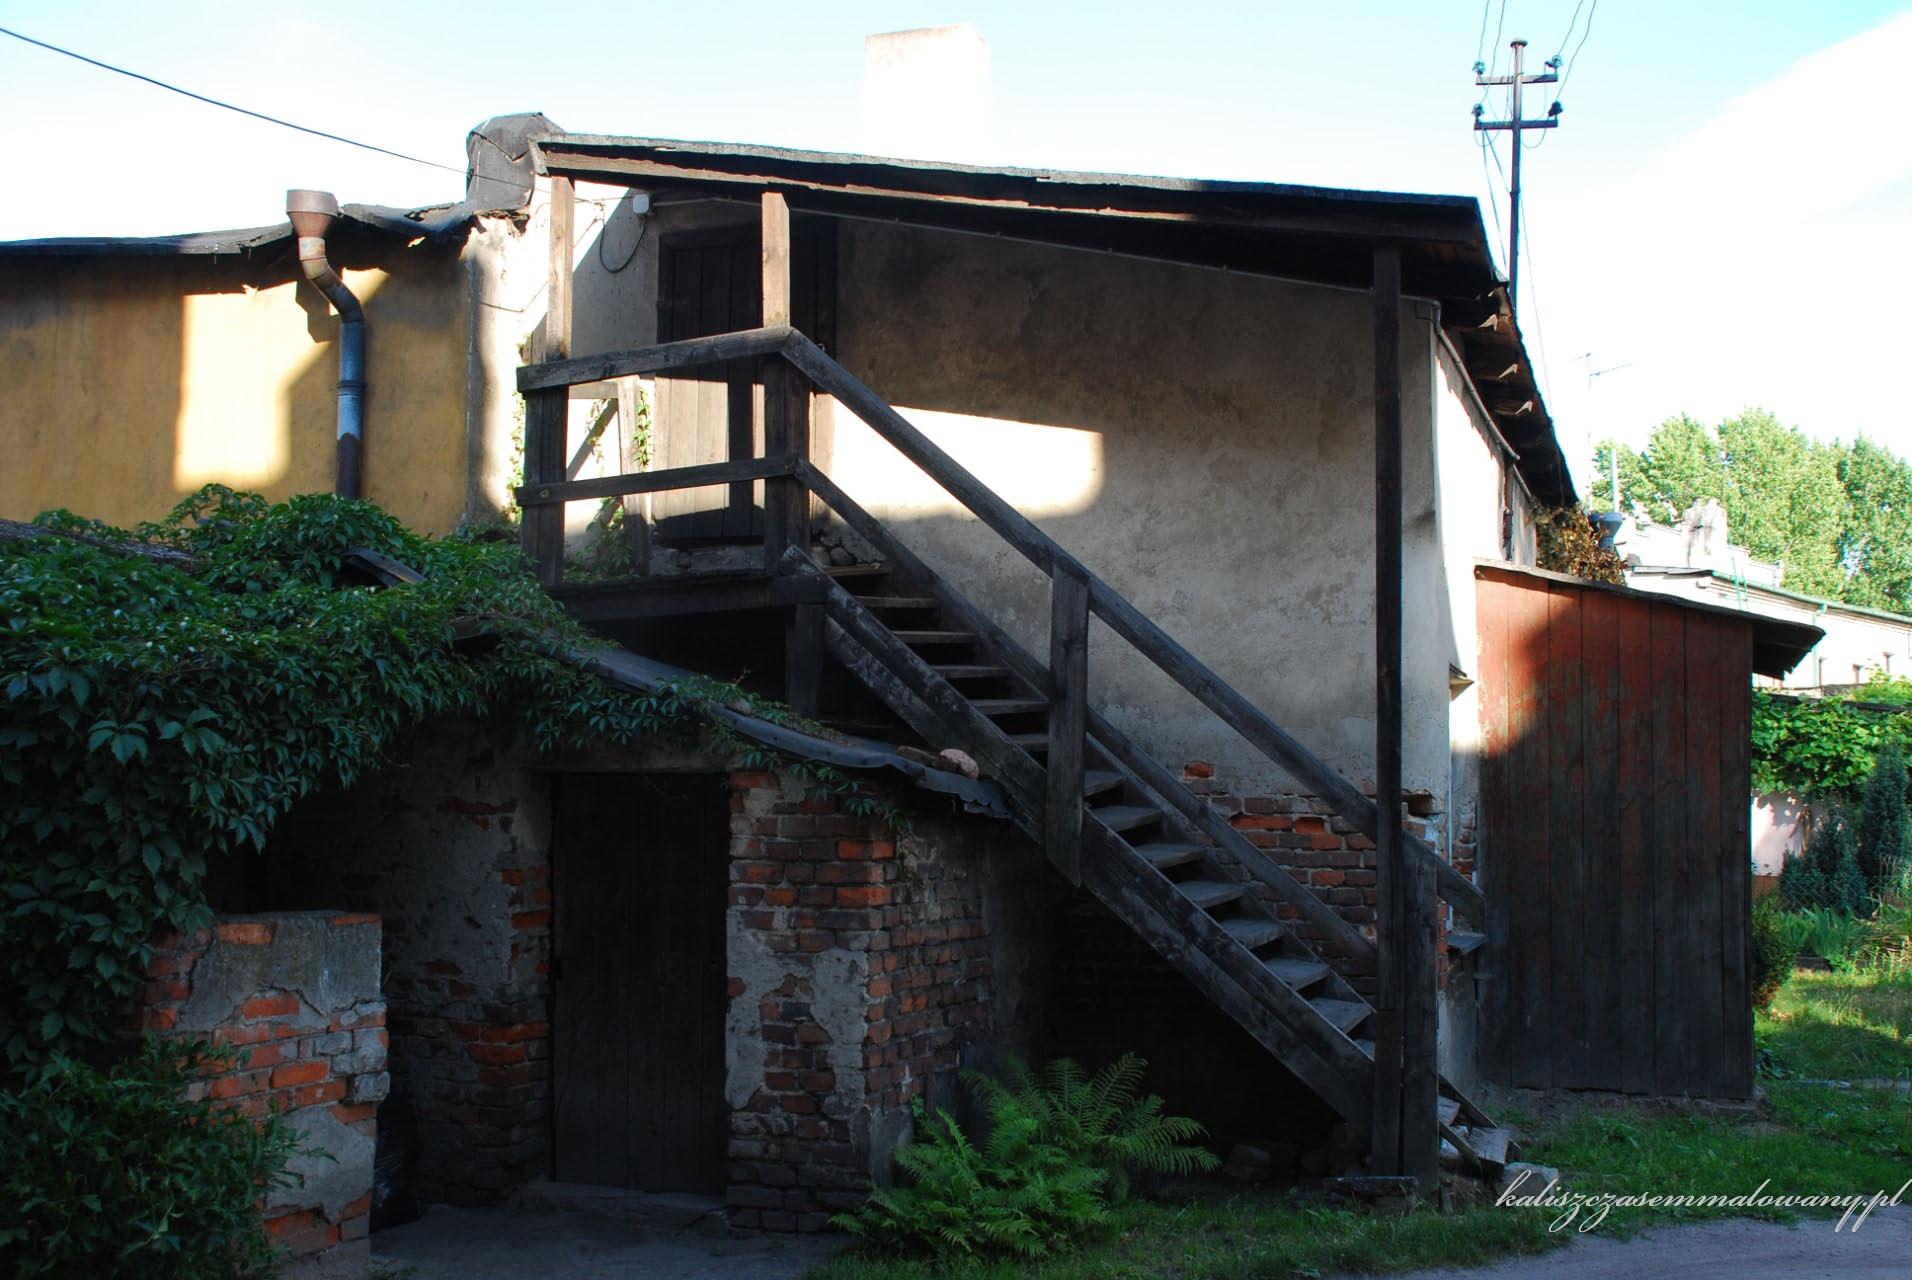 Gornoslaska-25